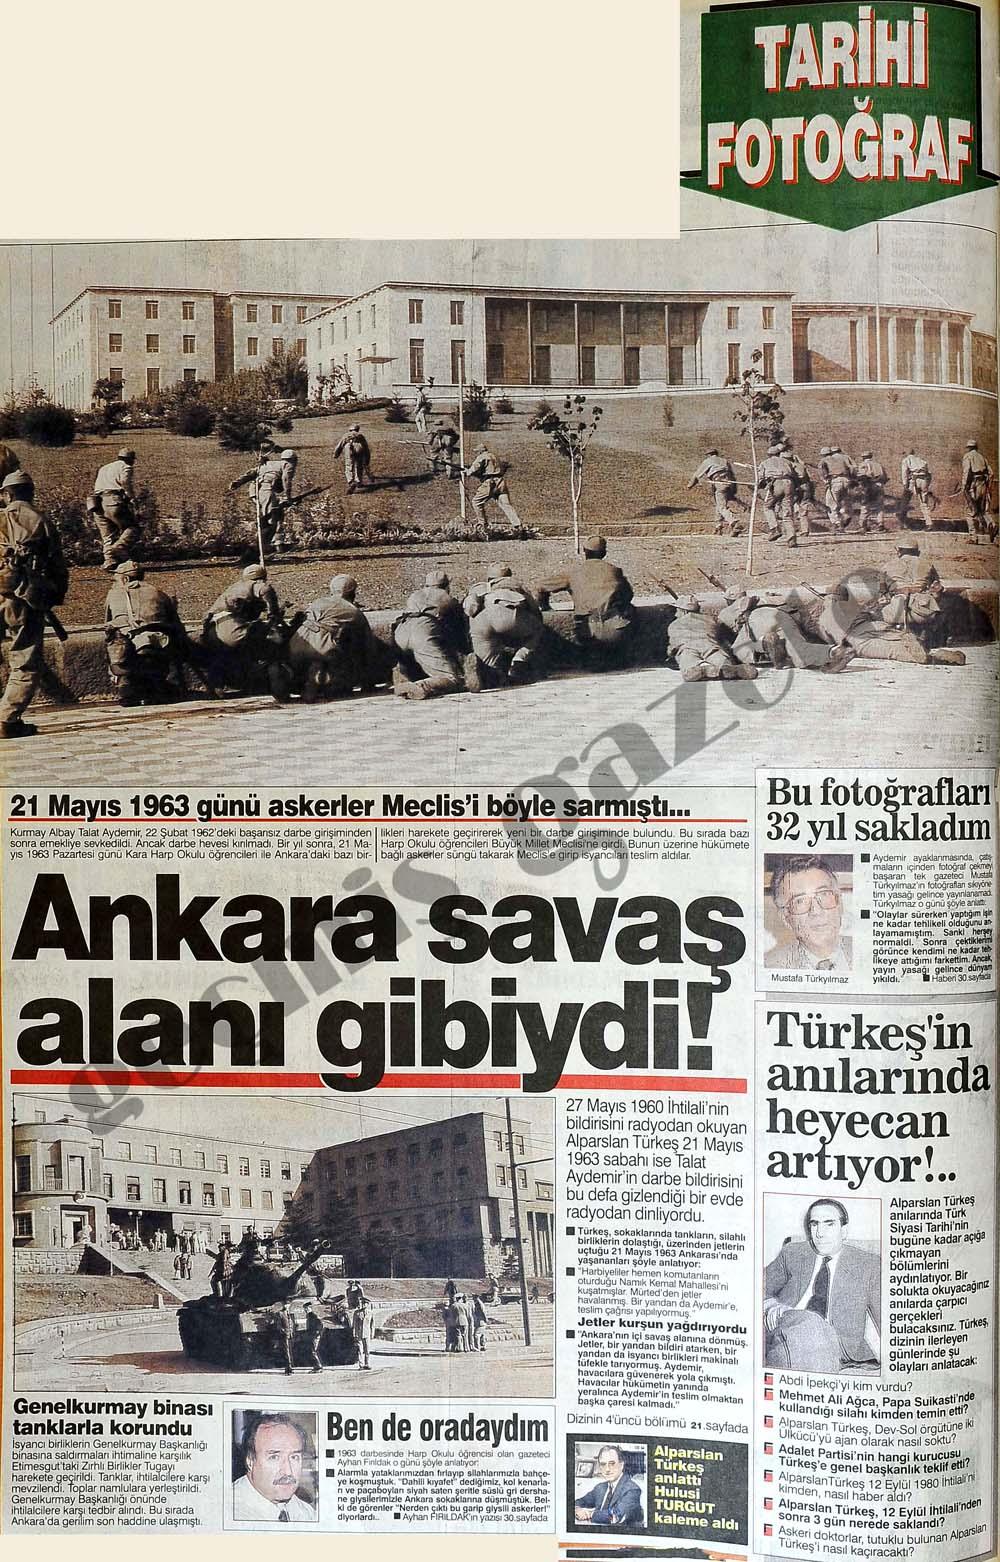 Ankara savaş alanı gibiydi!